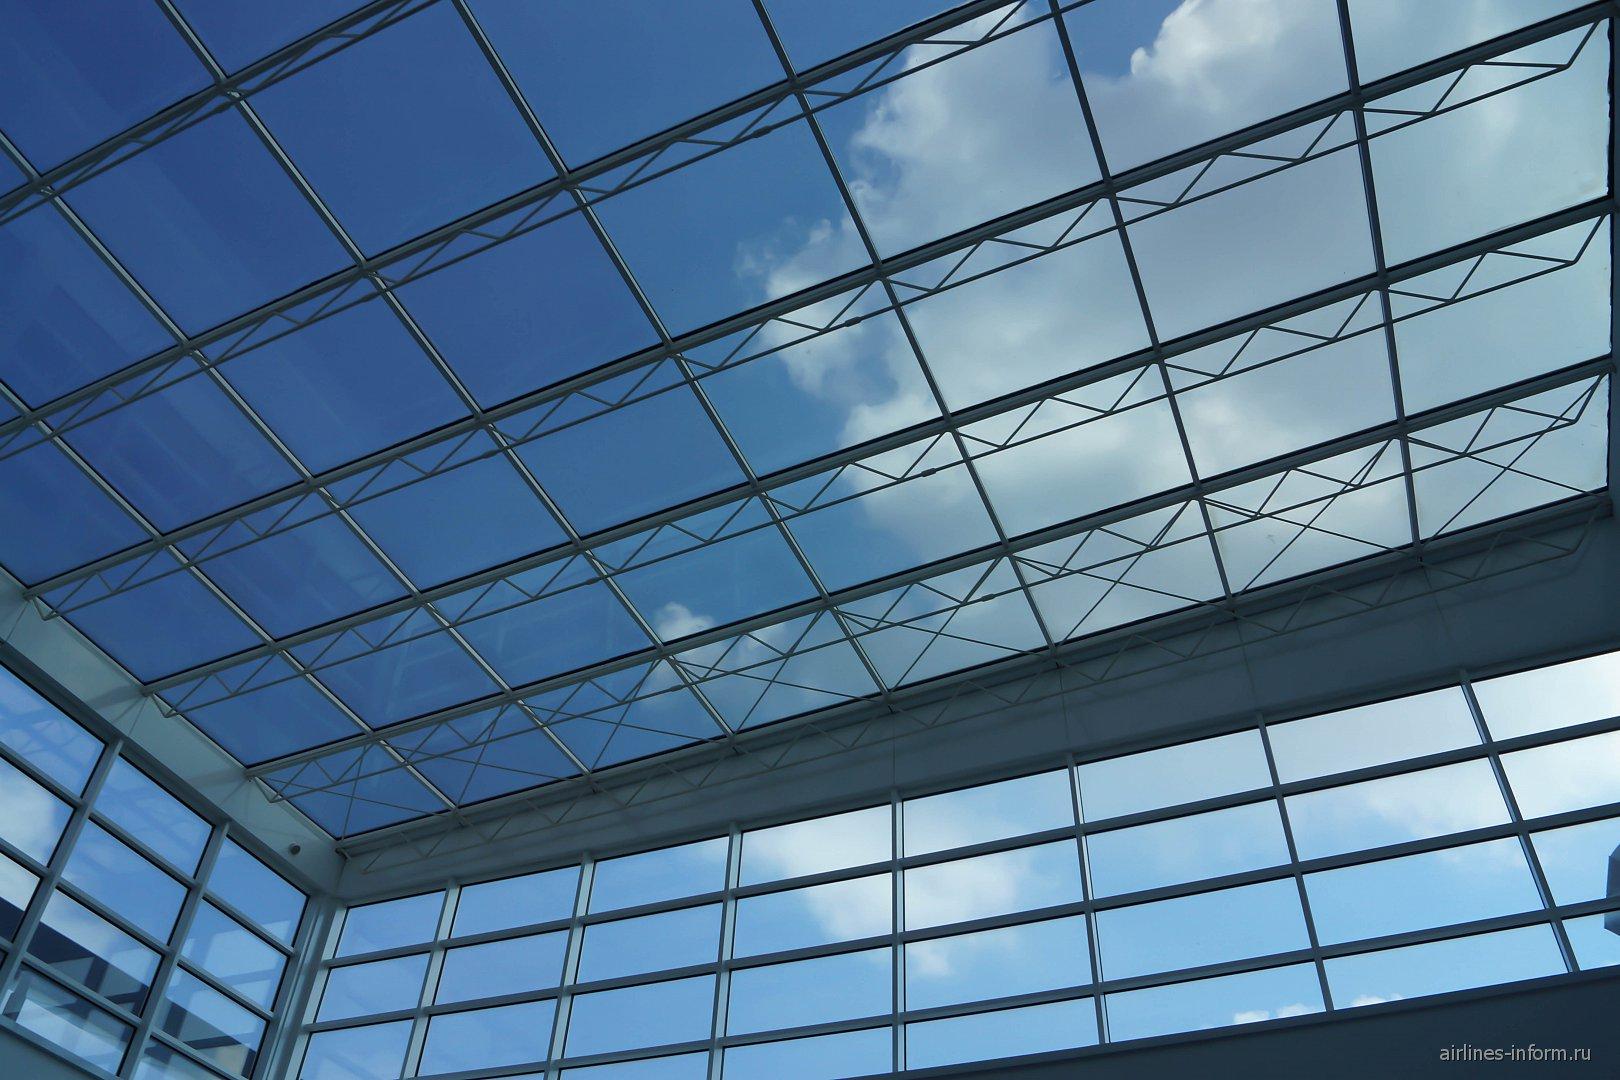 Прозрачная крыша пассажирского терминала аэропорта Бриндизи